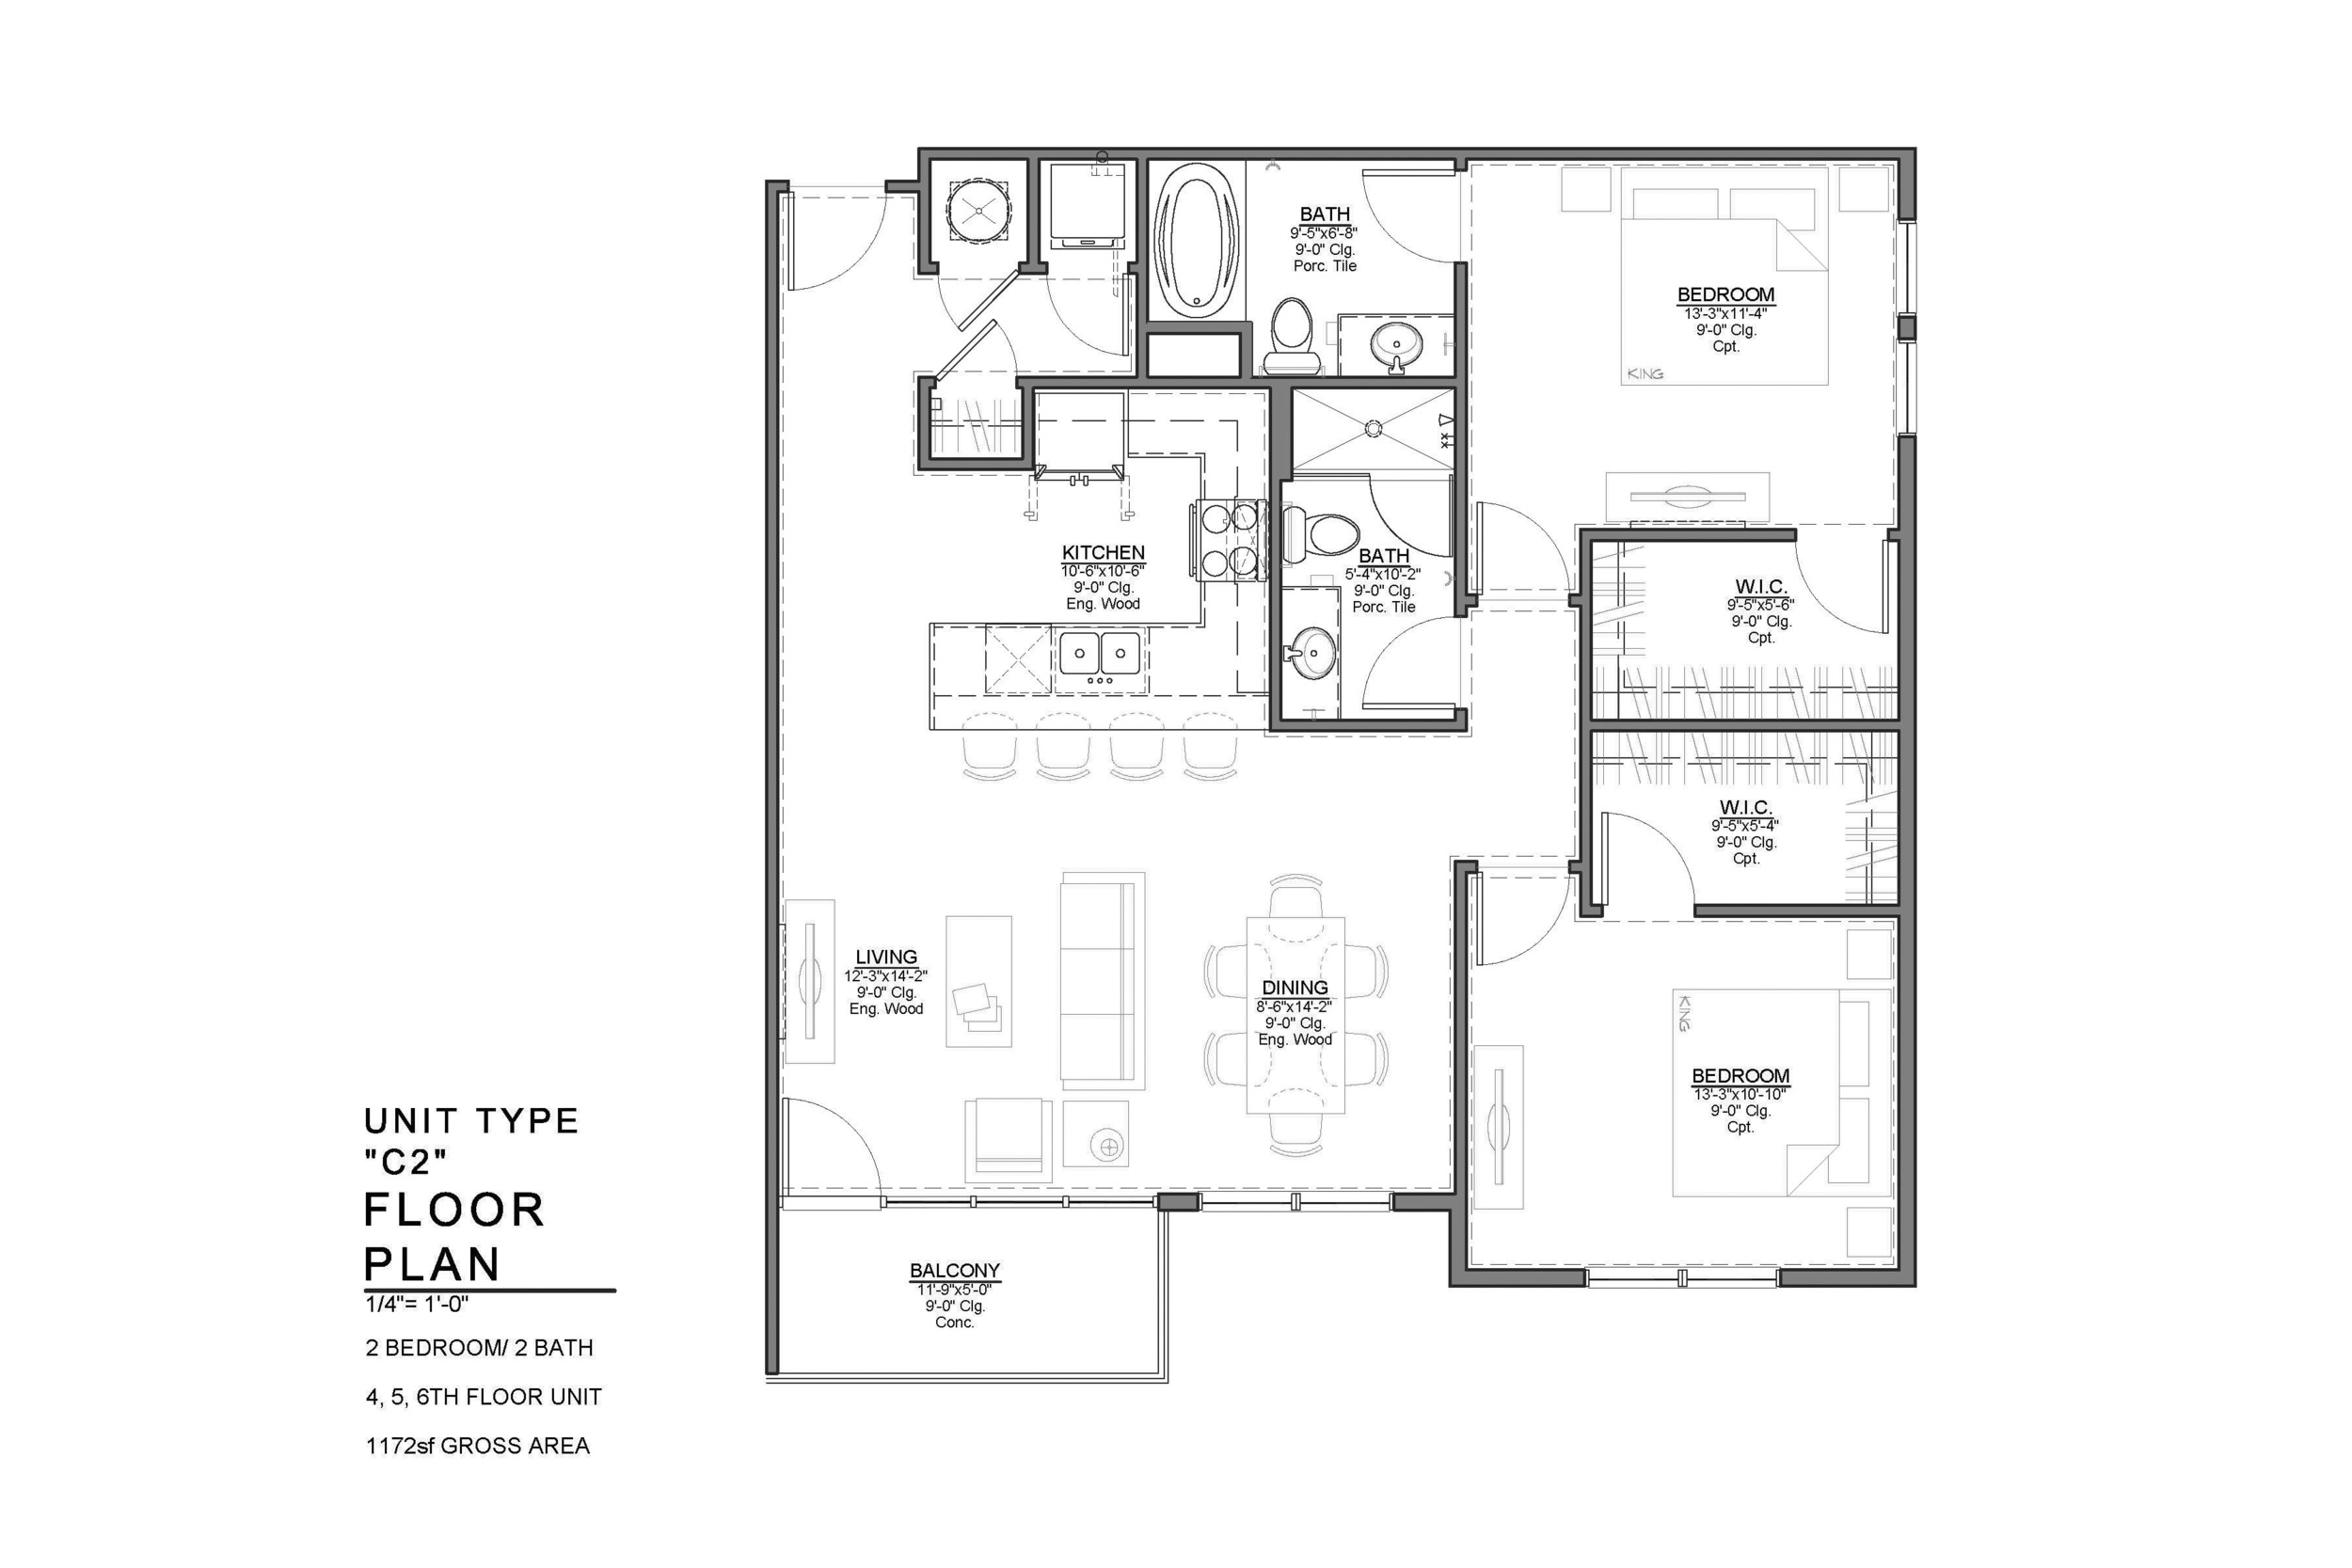 C2 FLOOR PLAN: 2 BEDROOM / 2 BATH